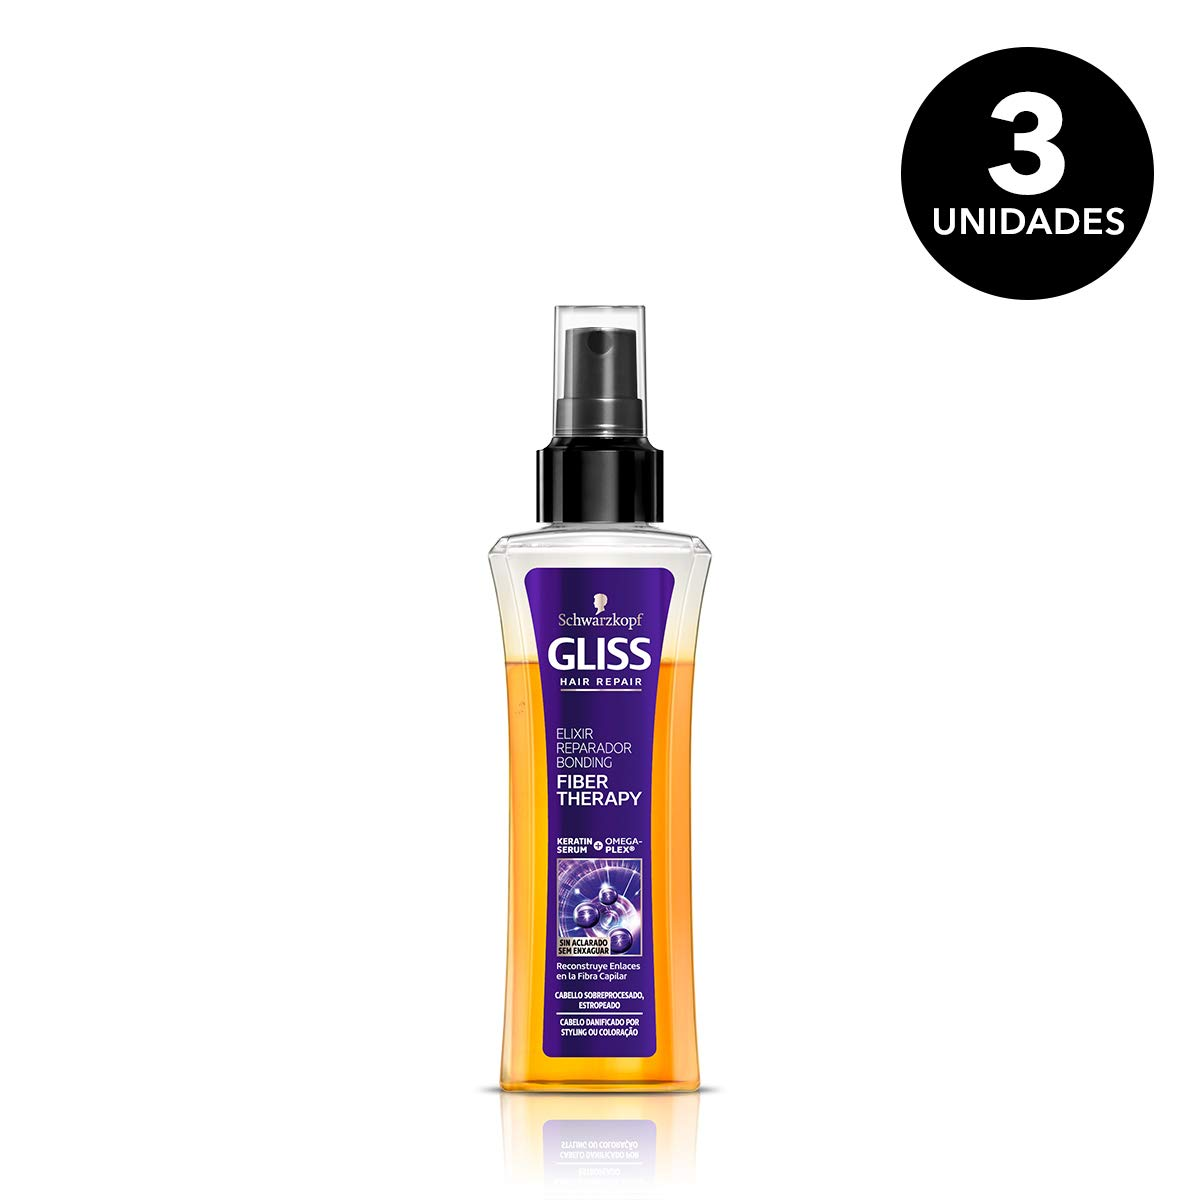 Gliss Fiber Therapy - Sérum bifásico - Elixir Reparador - 3 ud. de 100ml - Sin Aclarado para cabello sobreprocesado (plancha y/o tinte) - Schwarzkopf